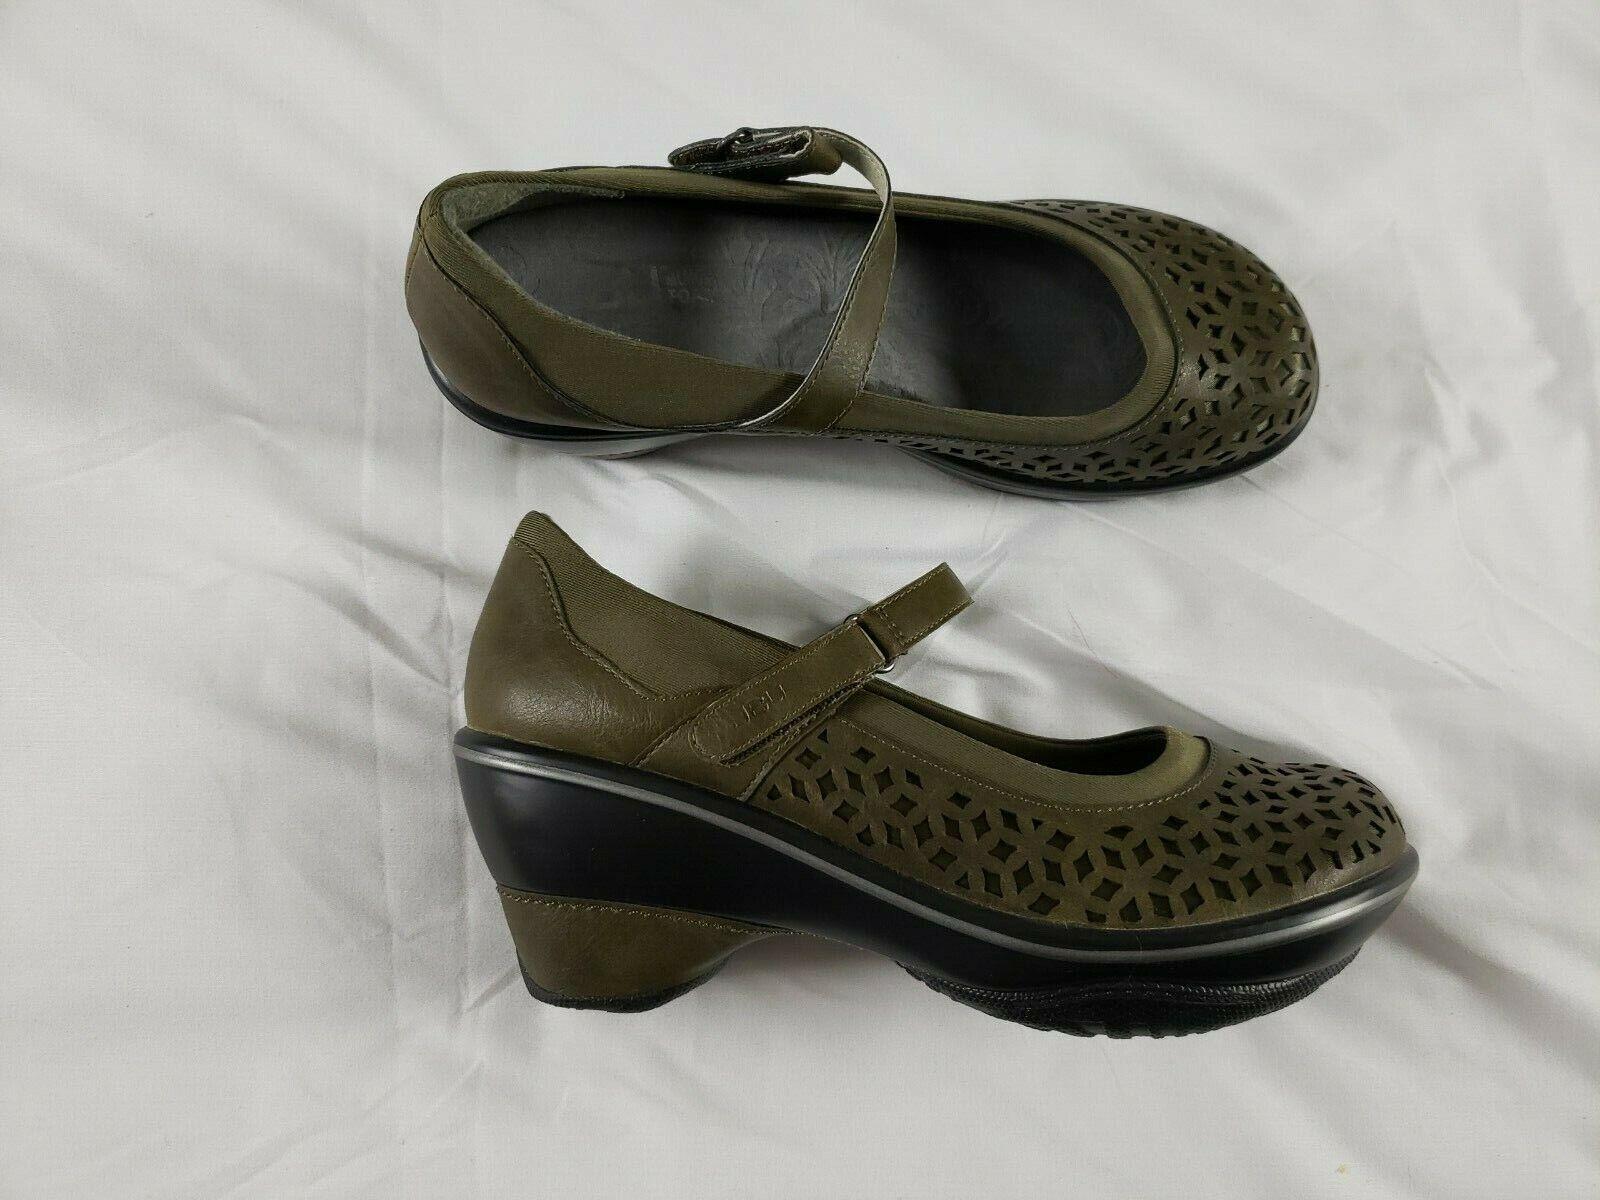 JBU by Jambu Women's Alicante Wedge Pumps shoes Size 7.5 Brown